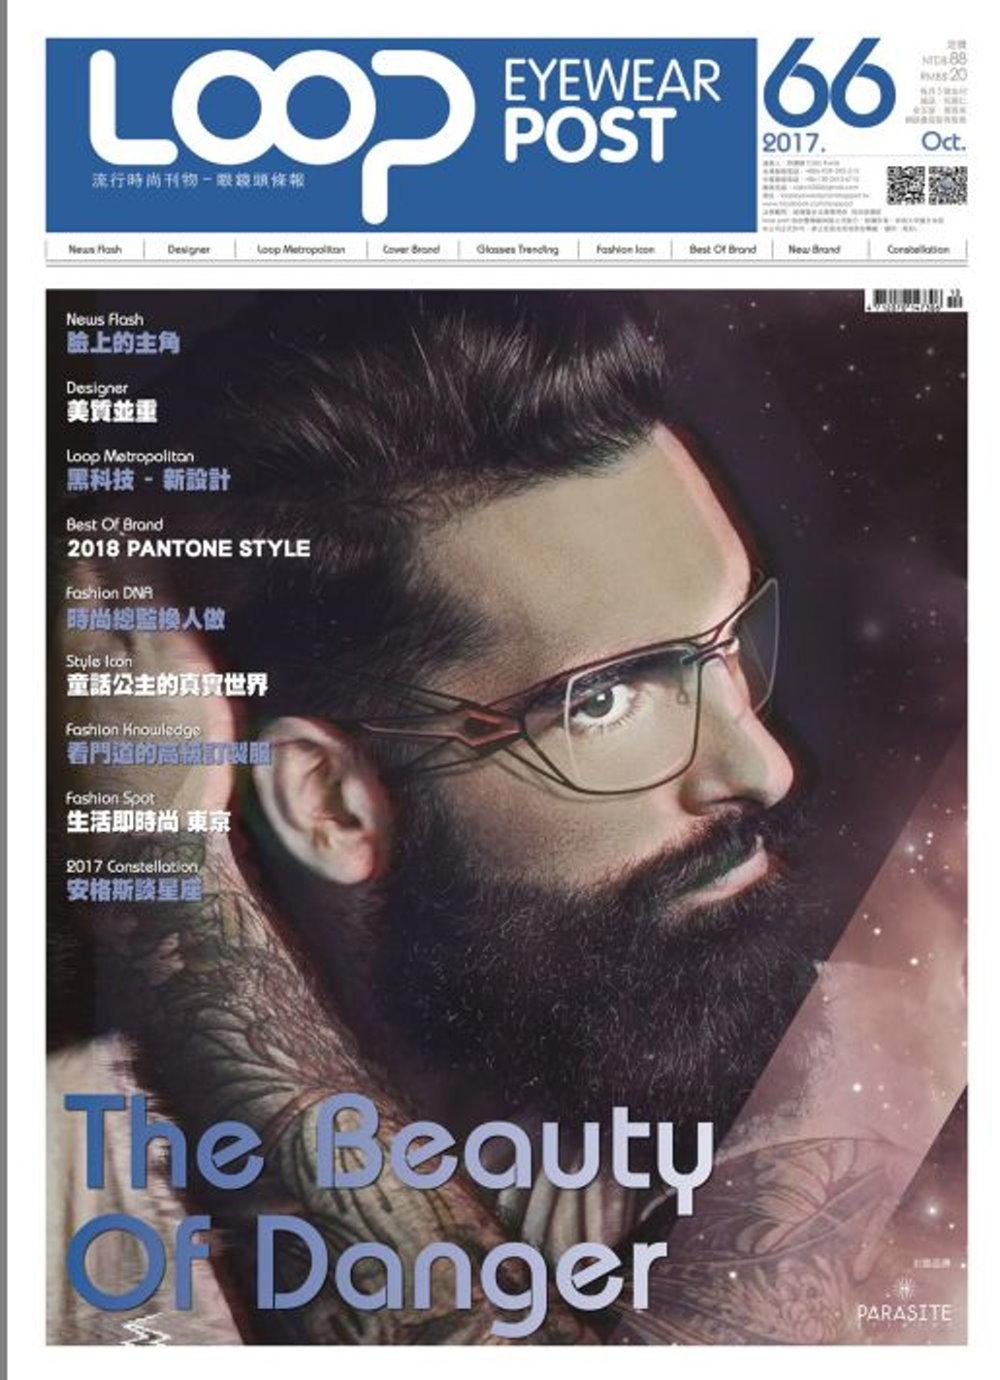 LOOP眼鏡頭條報 10月號/2017 第66期